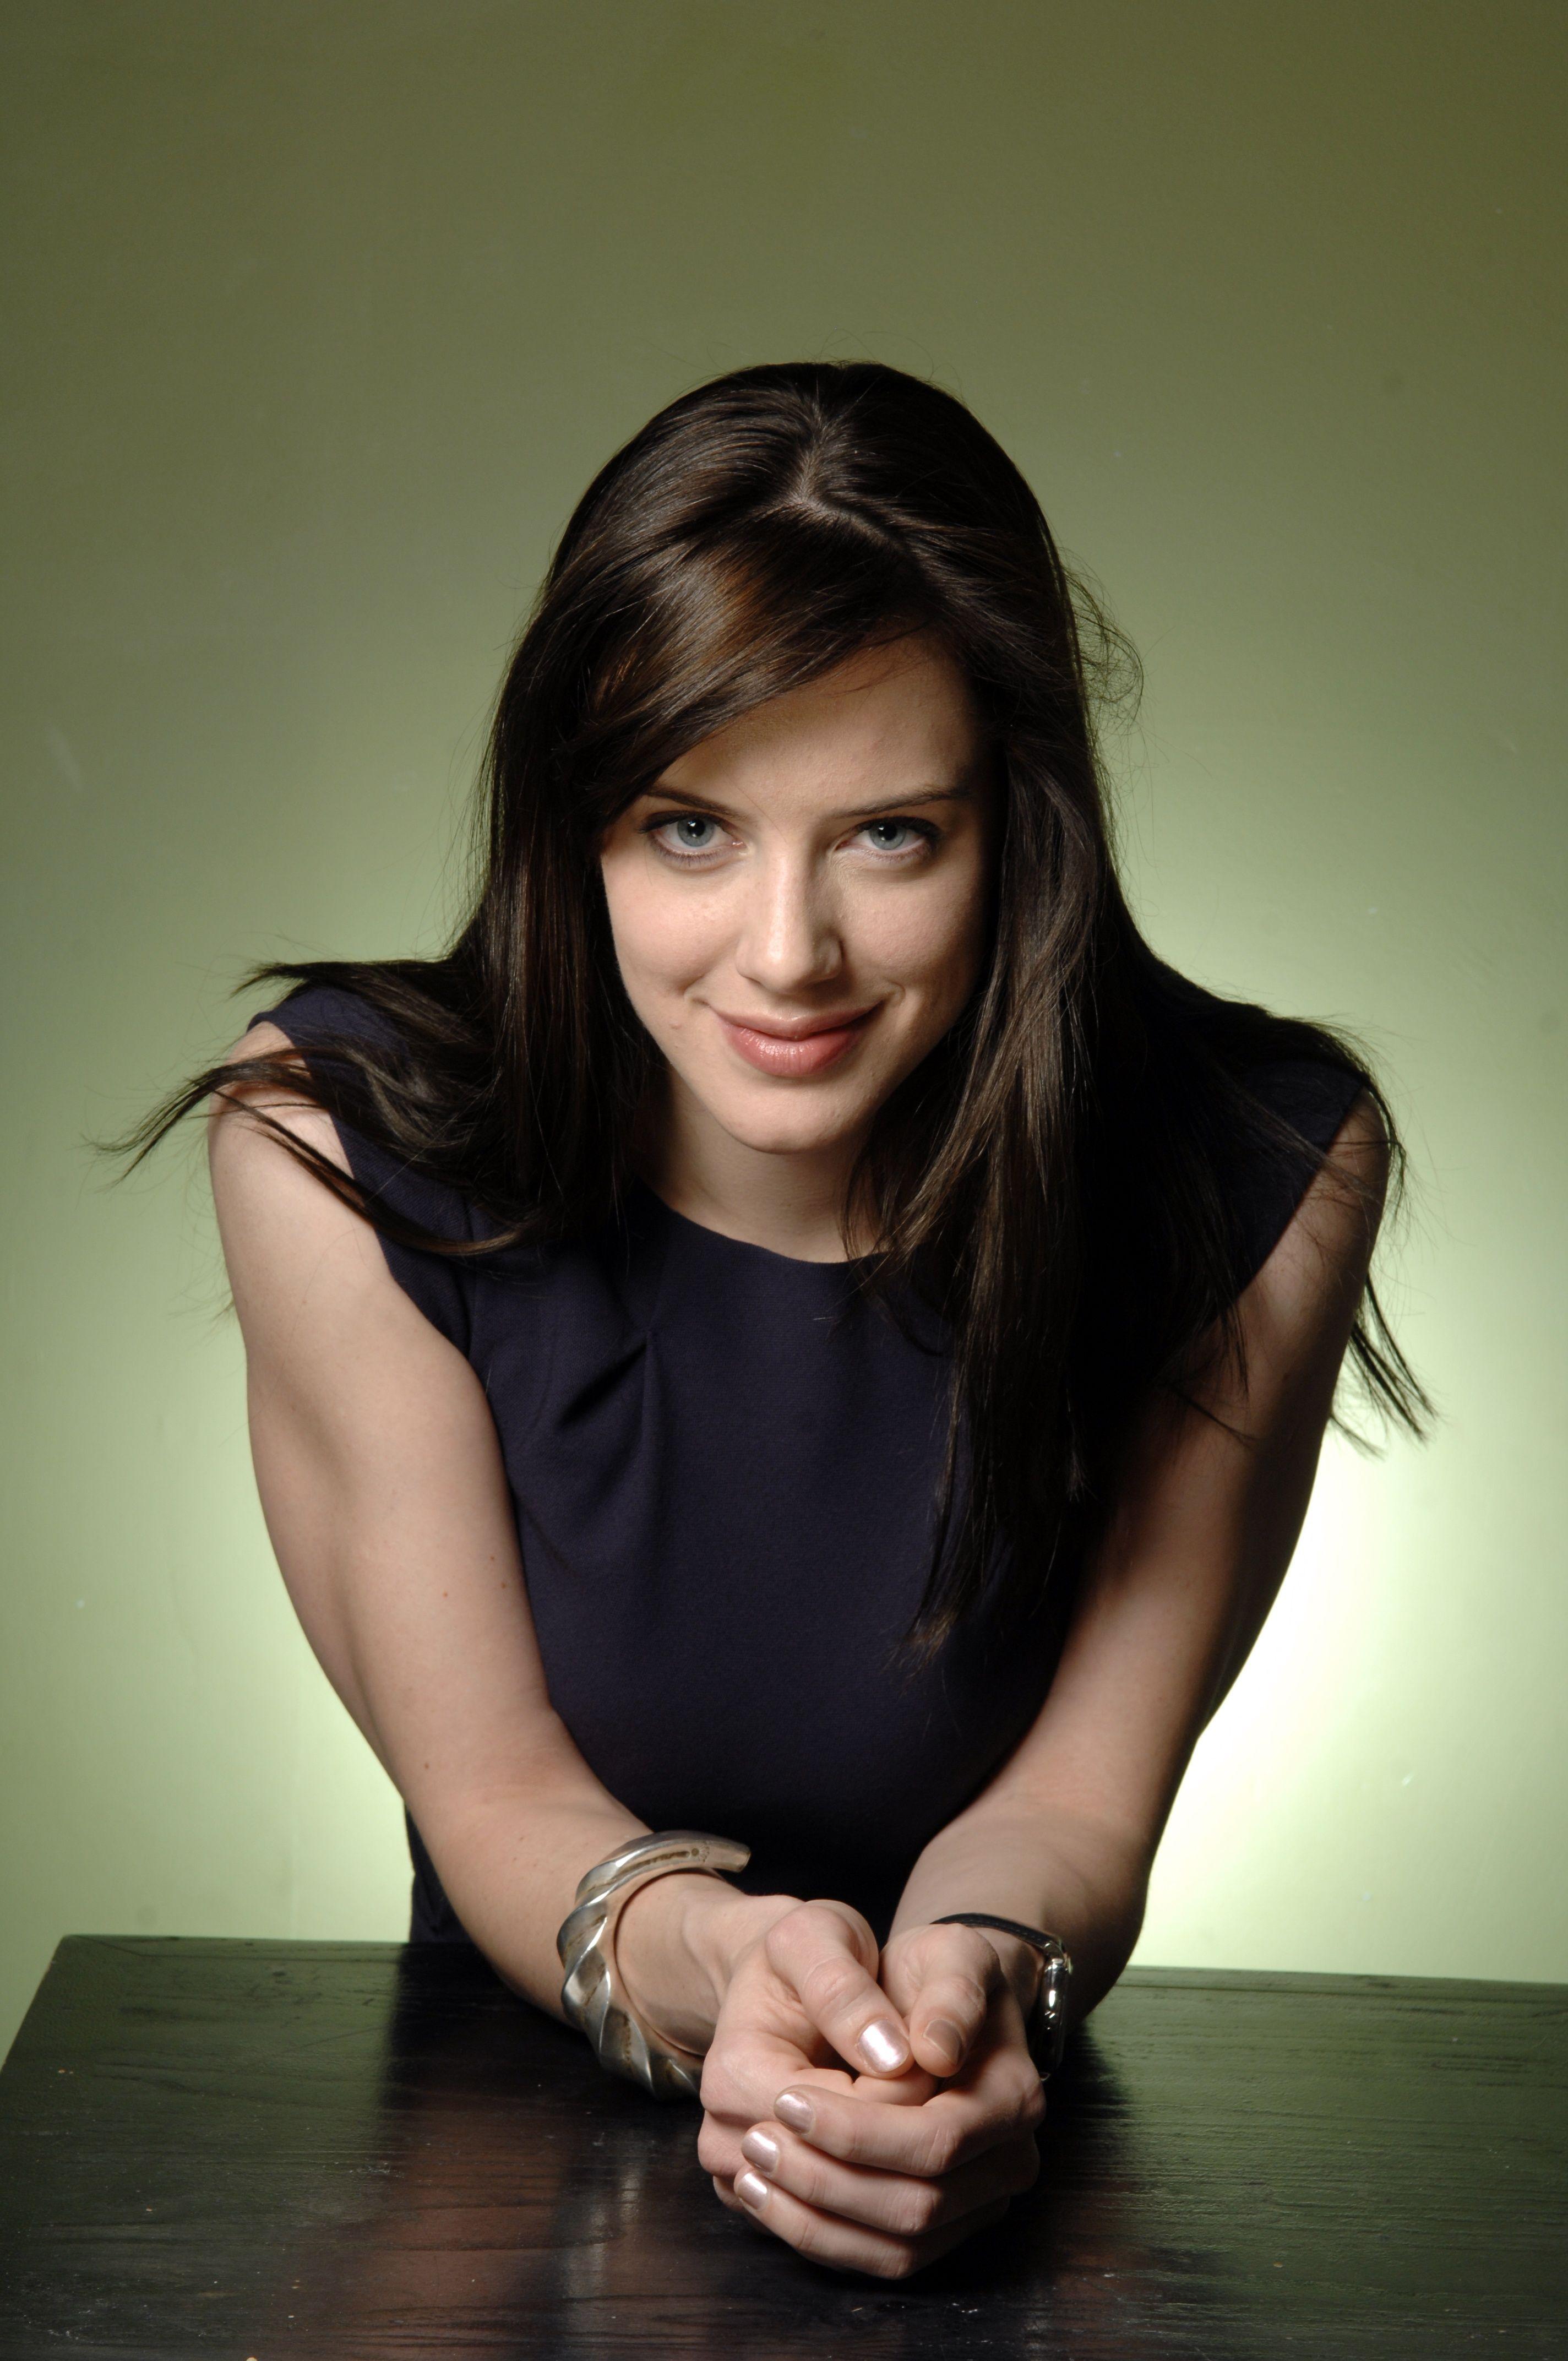 foto Michelle Ryan (born 1984)